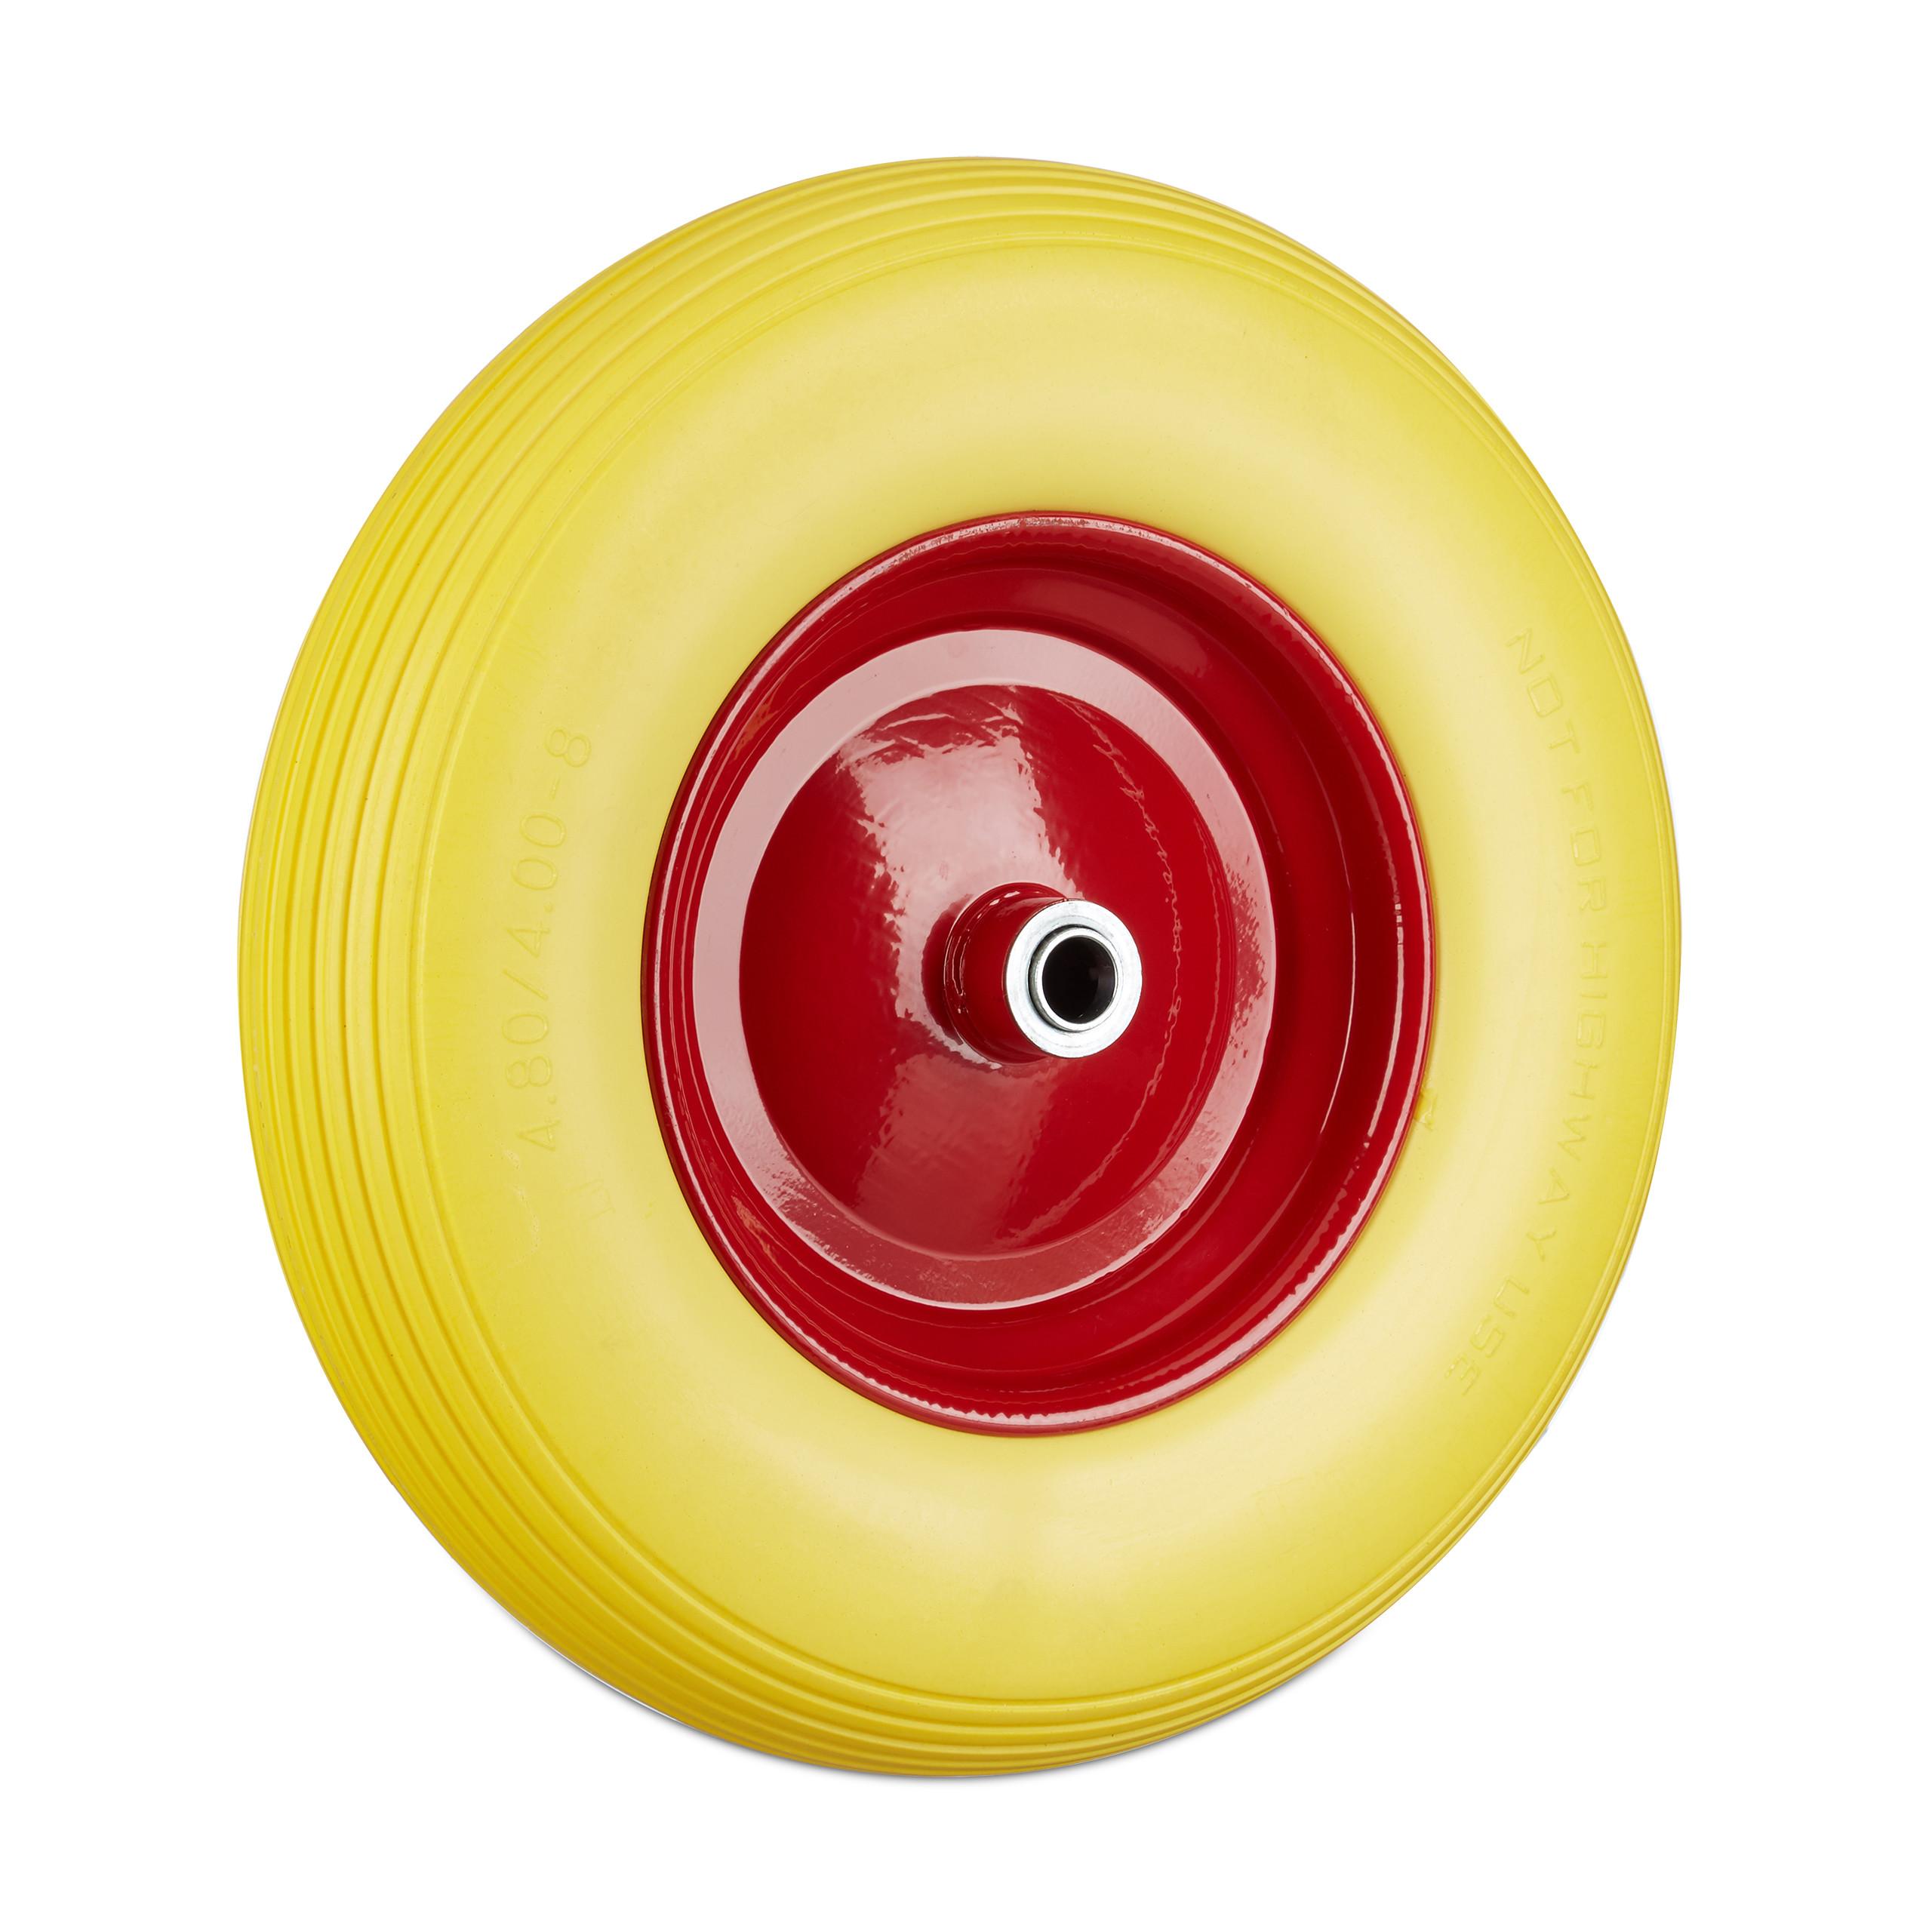 6x6 etc. 50 pièces joint de culasse vis bas ISO 14580 a2 m1 DIN 7984 torx